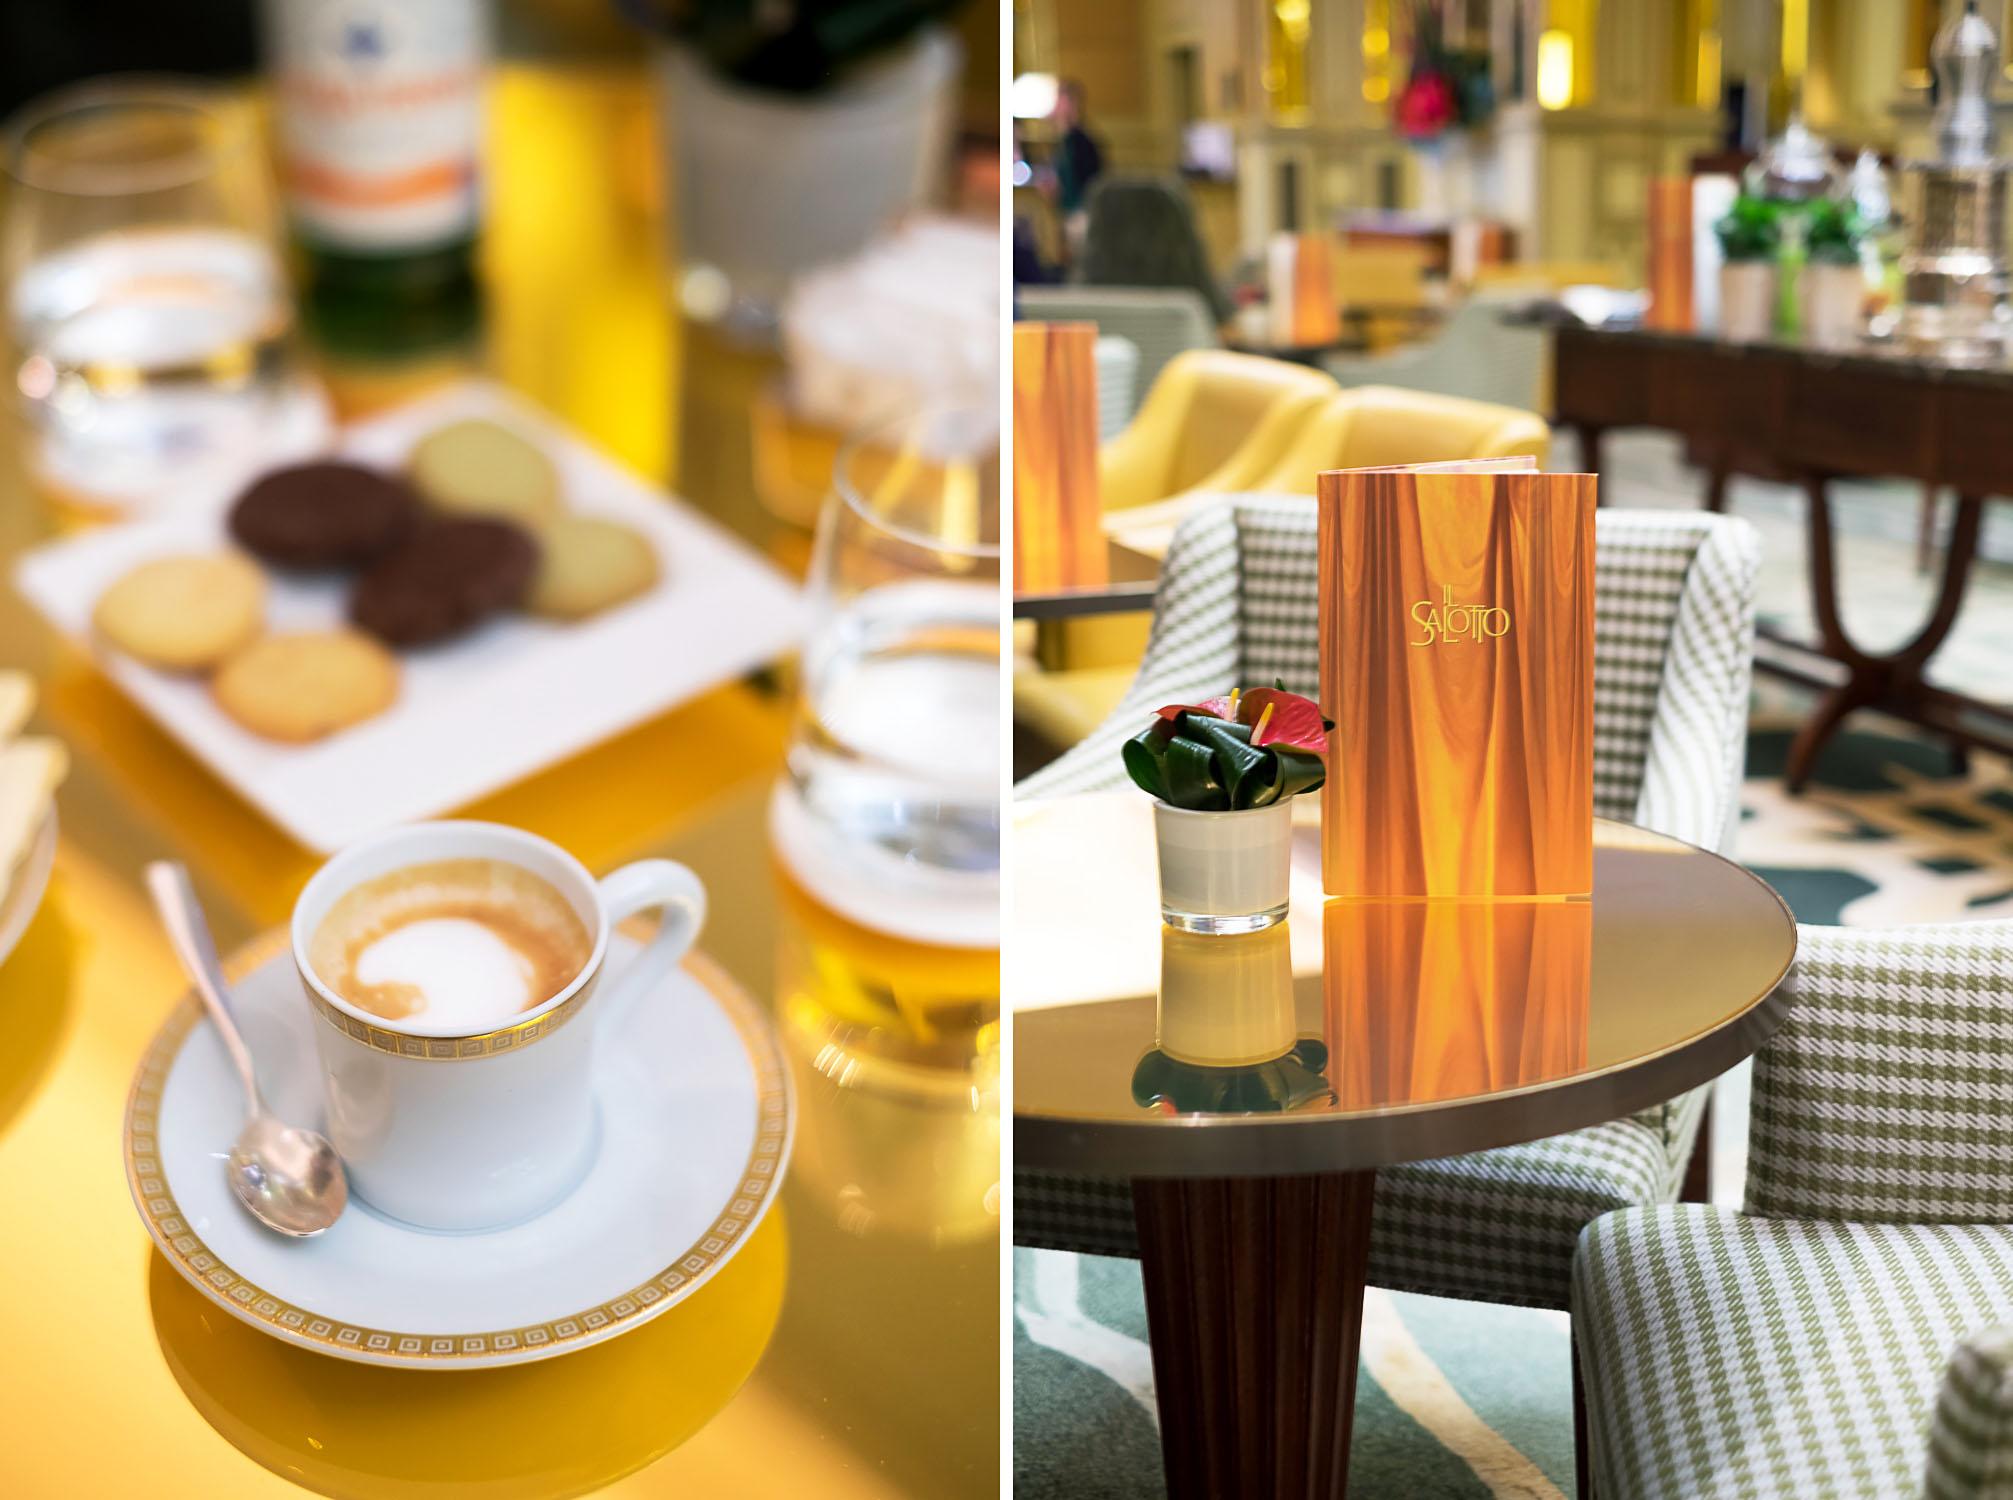 Il Salotto - The lobby lounge at Five Star Hotel Principe di Savoia, Dorchester Collection, Milan